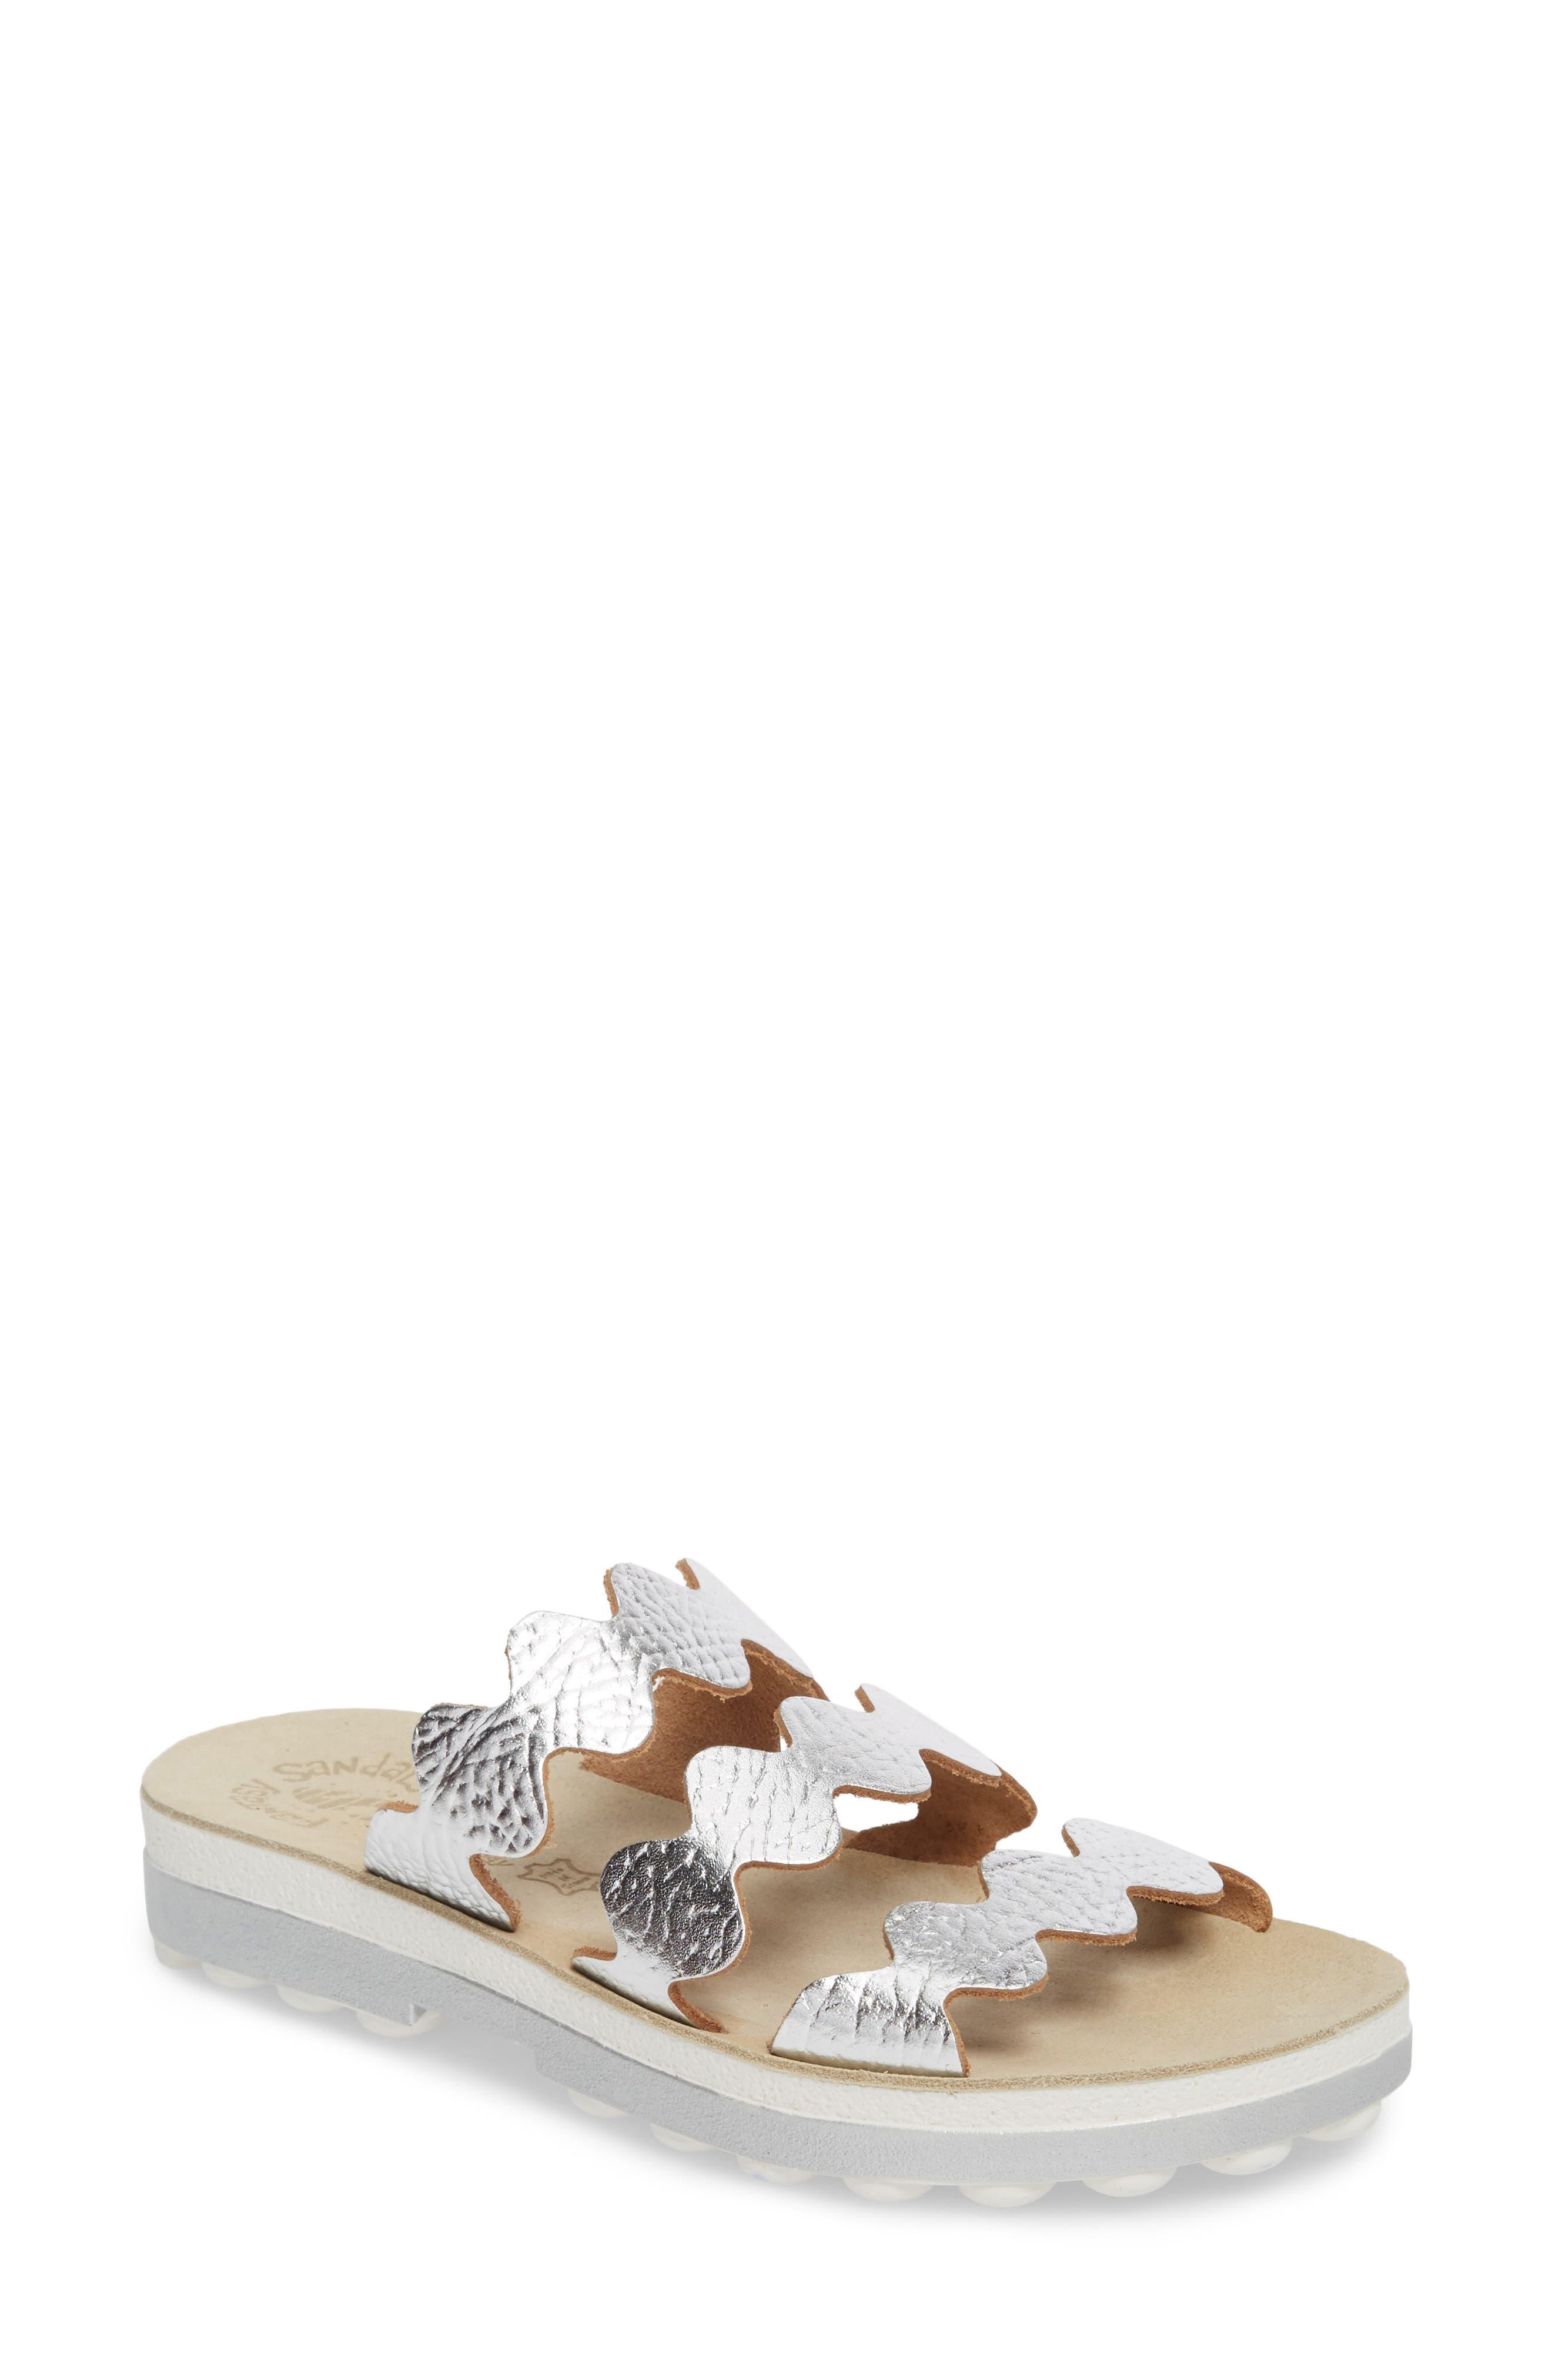 Women's Waves Slide Sandal